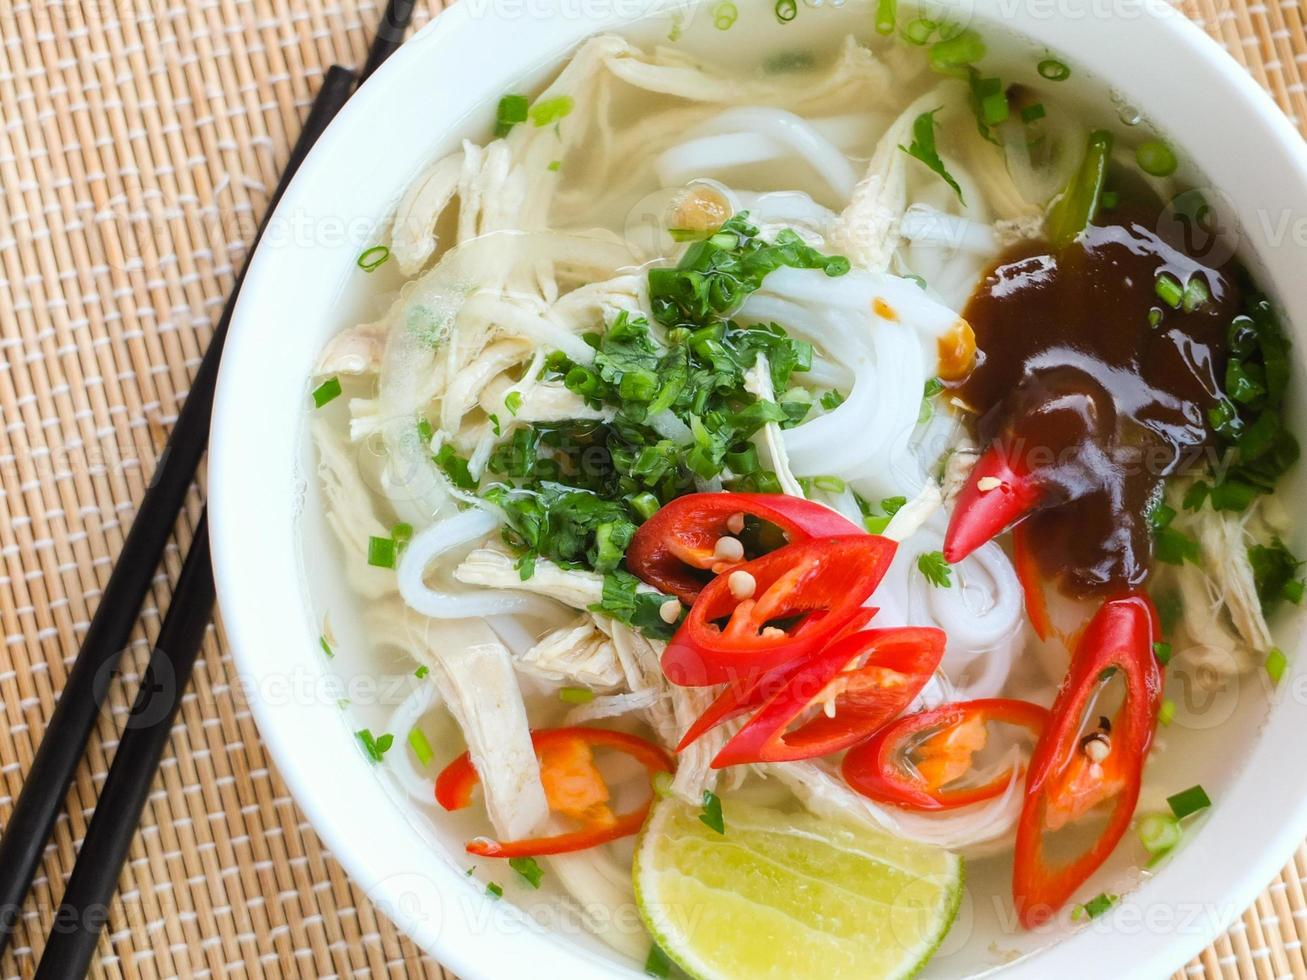 photographie de soupe de nouilles de riz au poulet asiatique avec des légumes photo